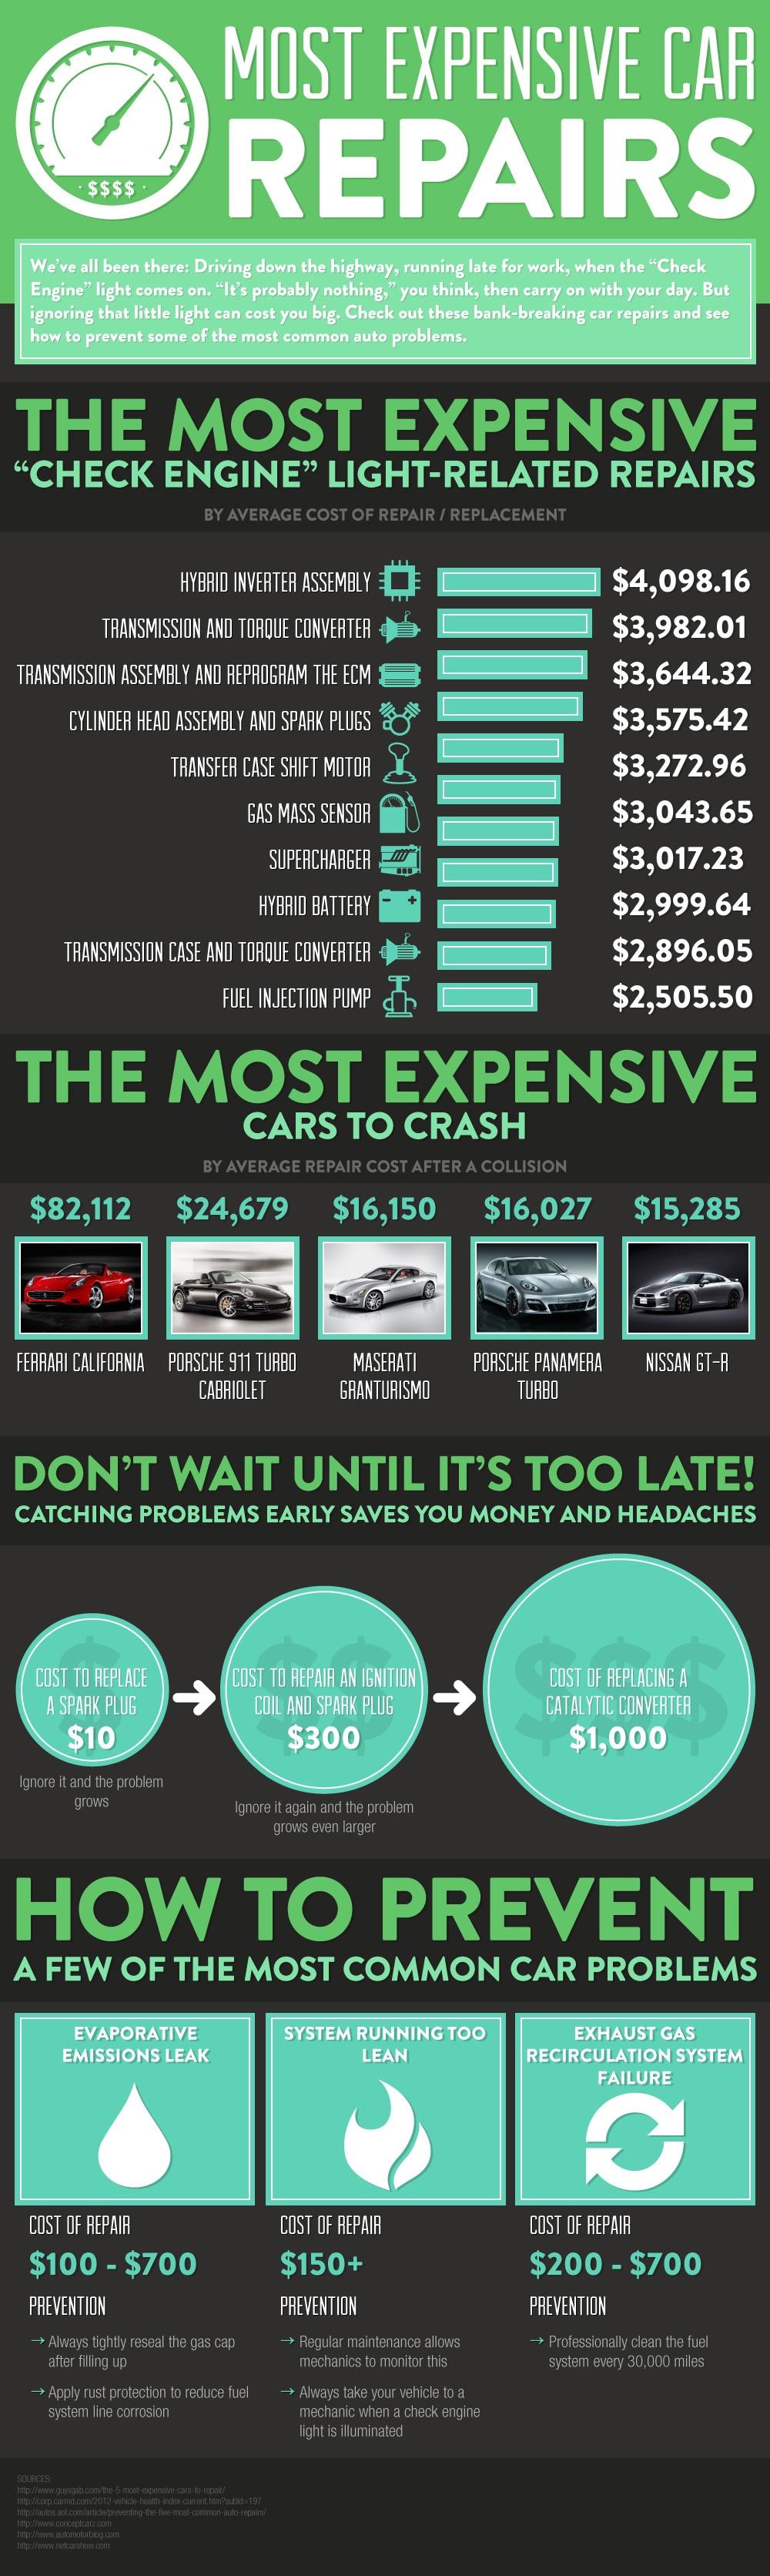 Arrigo Car Tips